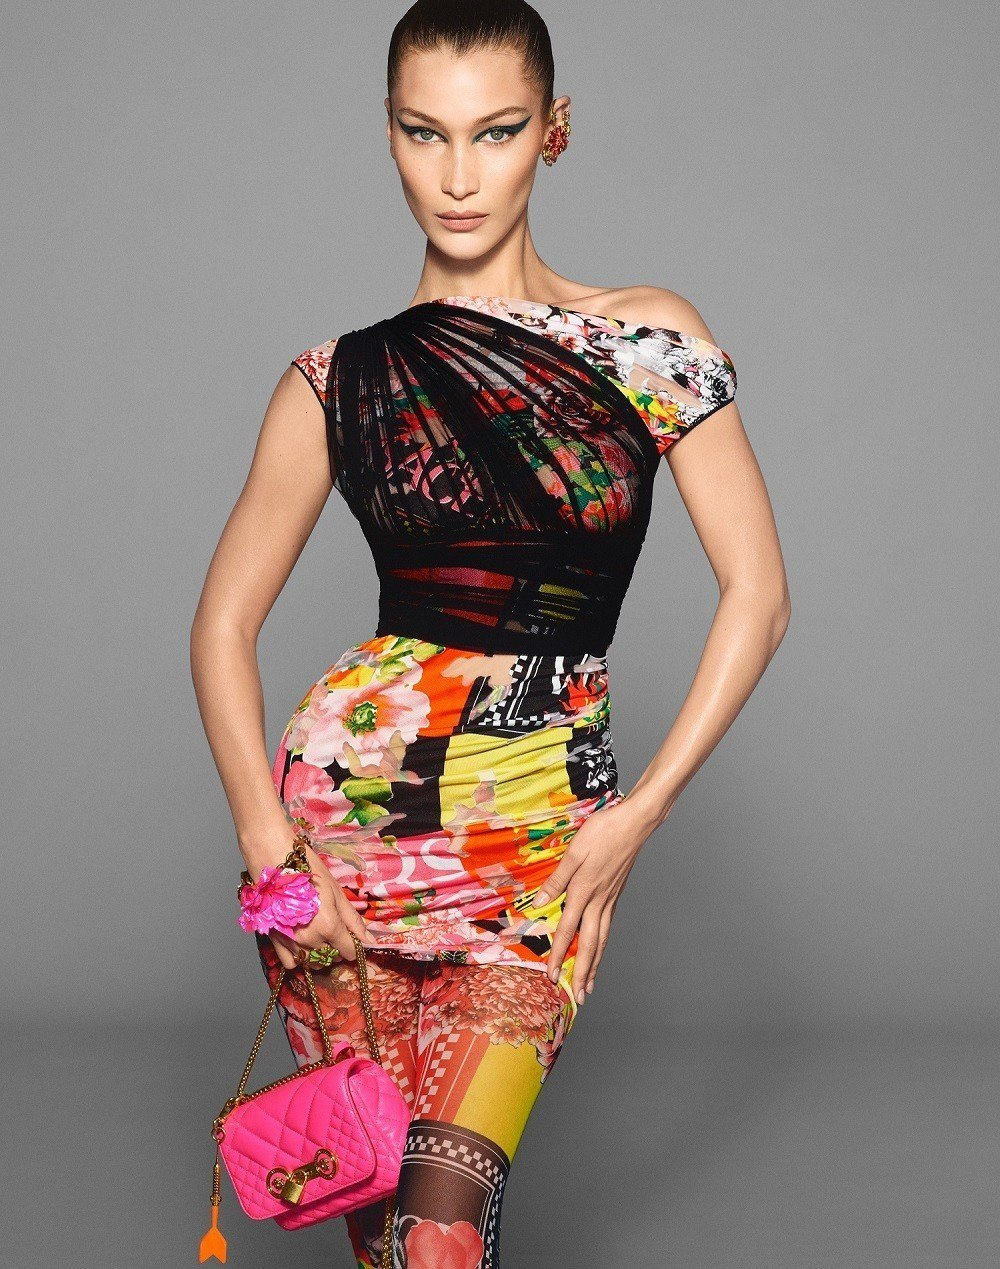 在春夏廣告中可以見到超模貝拉哈蒂德展演樣式、尺寸多元的Icon Quilted系...